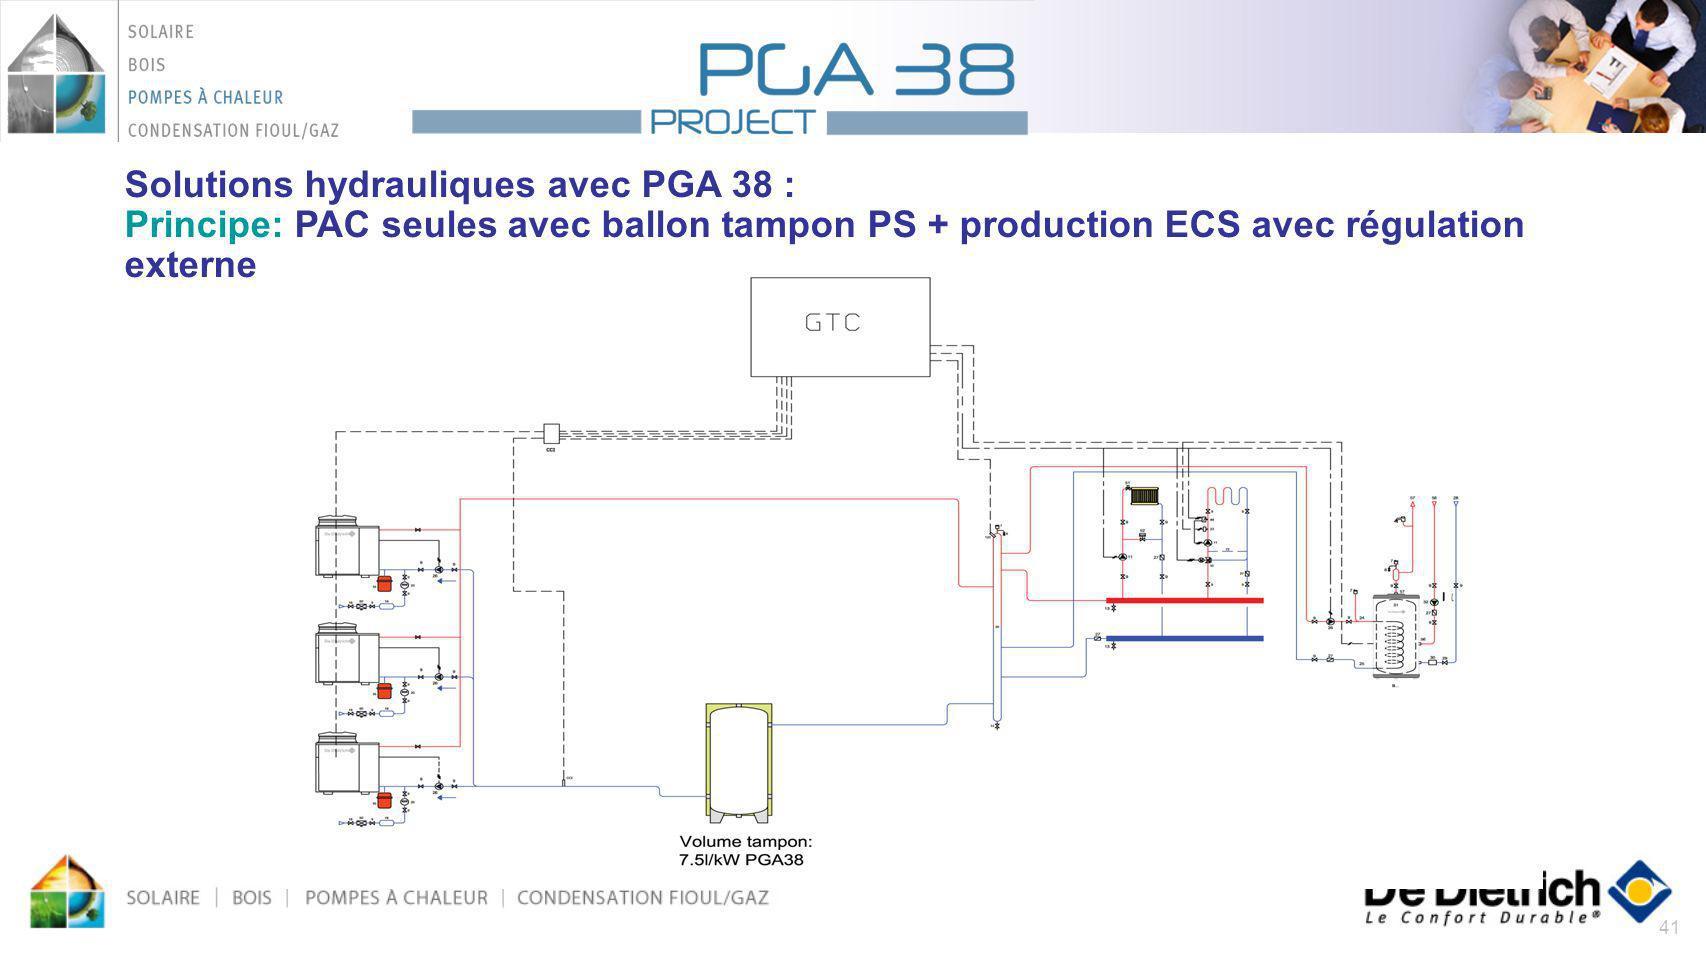 Solutions hydrauliques avec PGA 38 : Principe: PAC seules avec ballon tampon PS + production ECS avec régulation externe